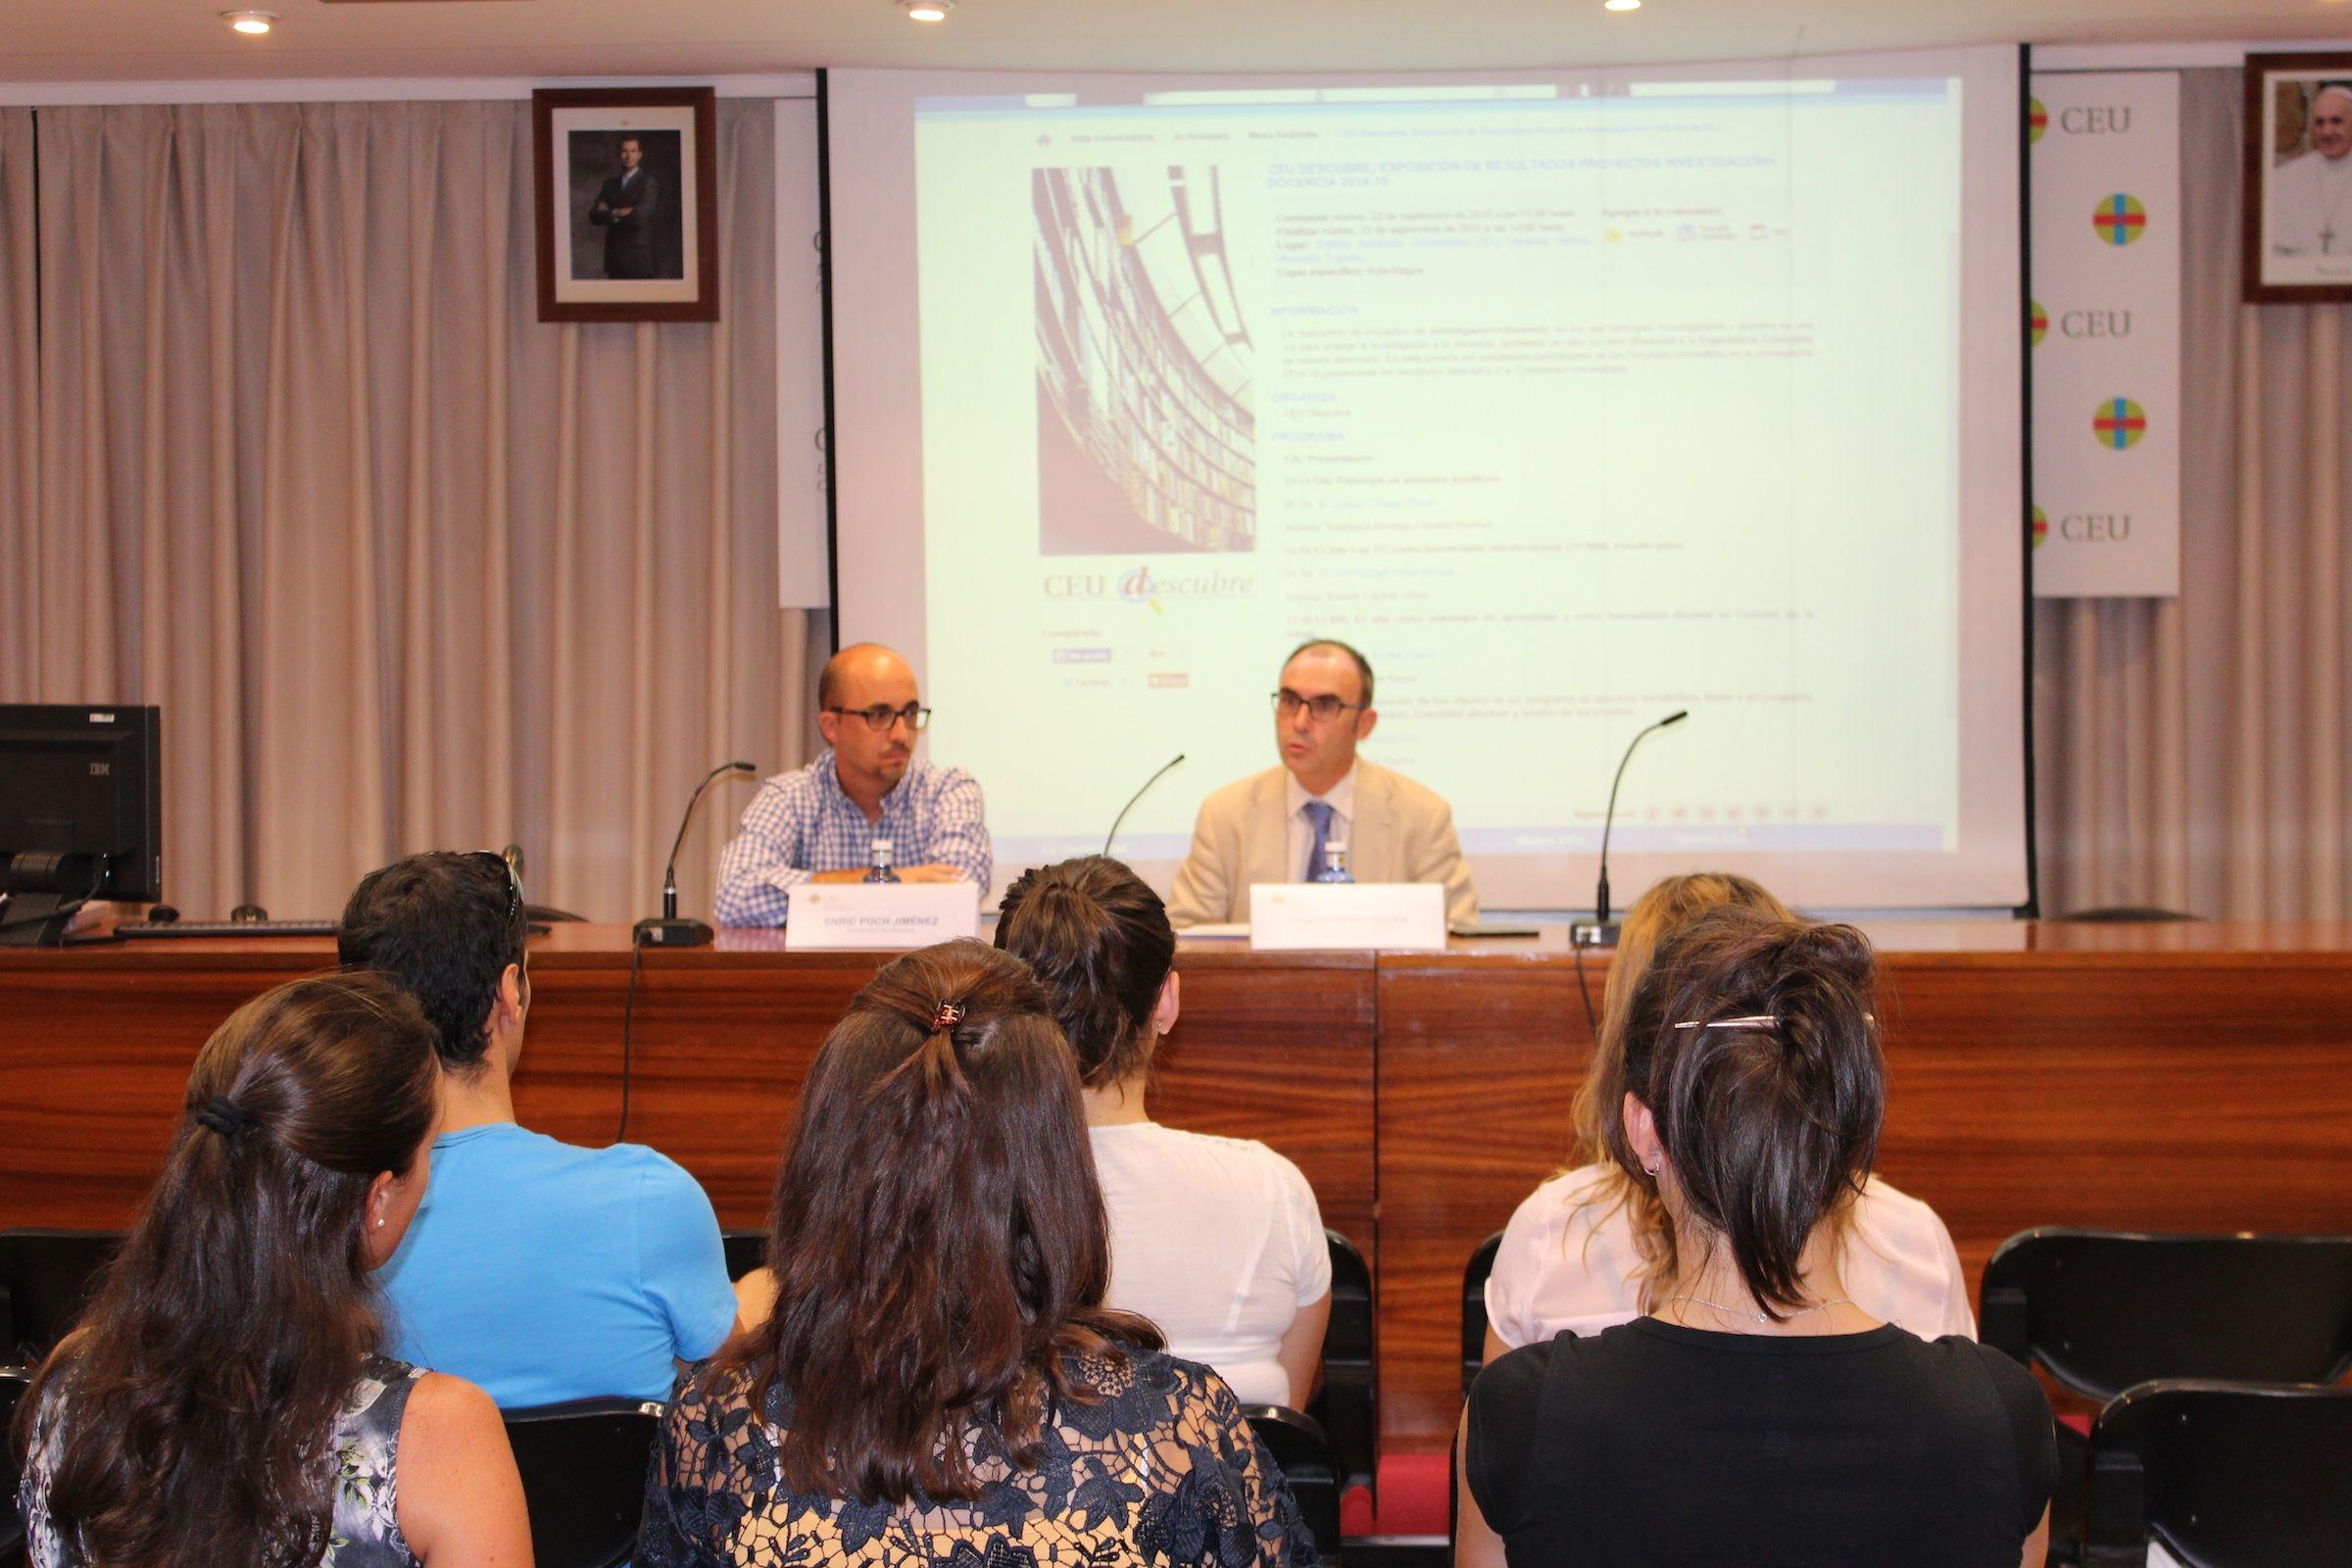 Enric Poch, coordinador de CEU Descubre, e Ignacio Pérez, adjunto al Vicerrectorado de Investigación, en la presentación de la Jornada.